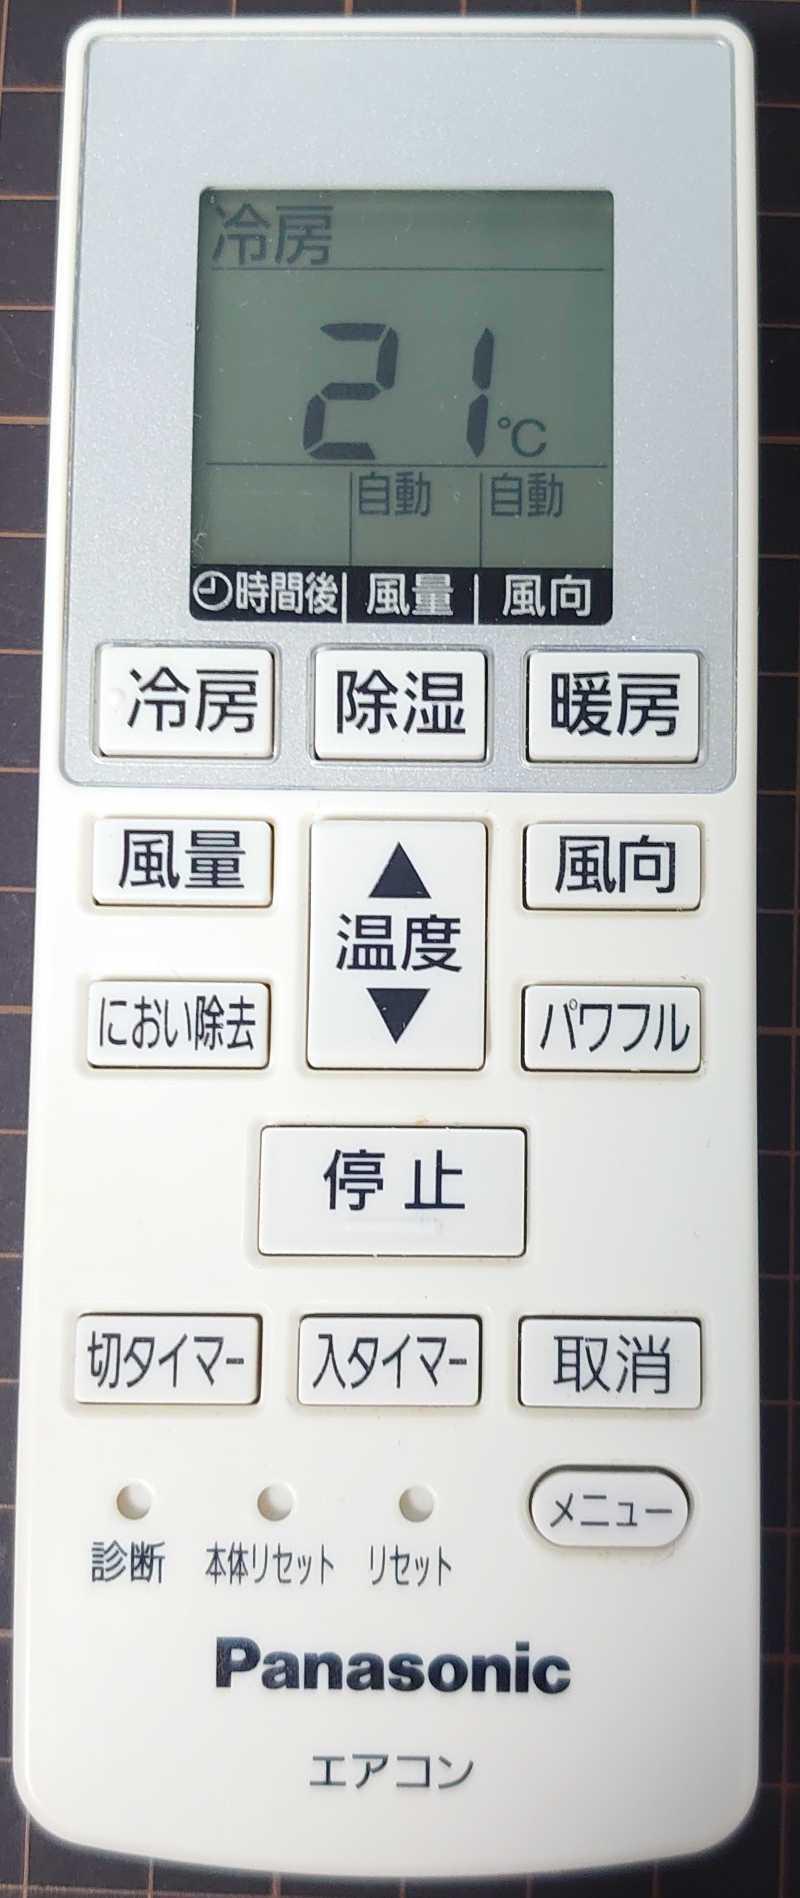 運転: 冷房21度, 風向: 自動, 風量: 自動